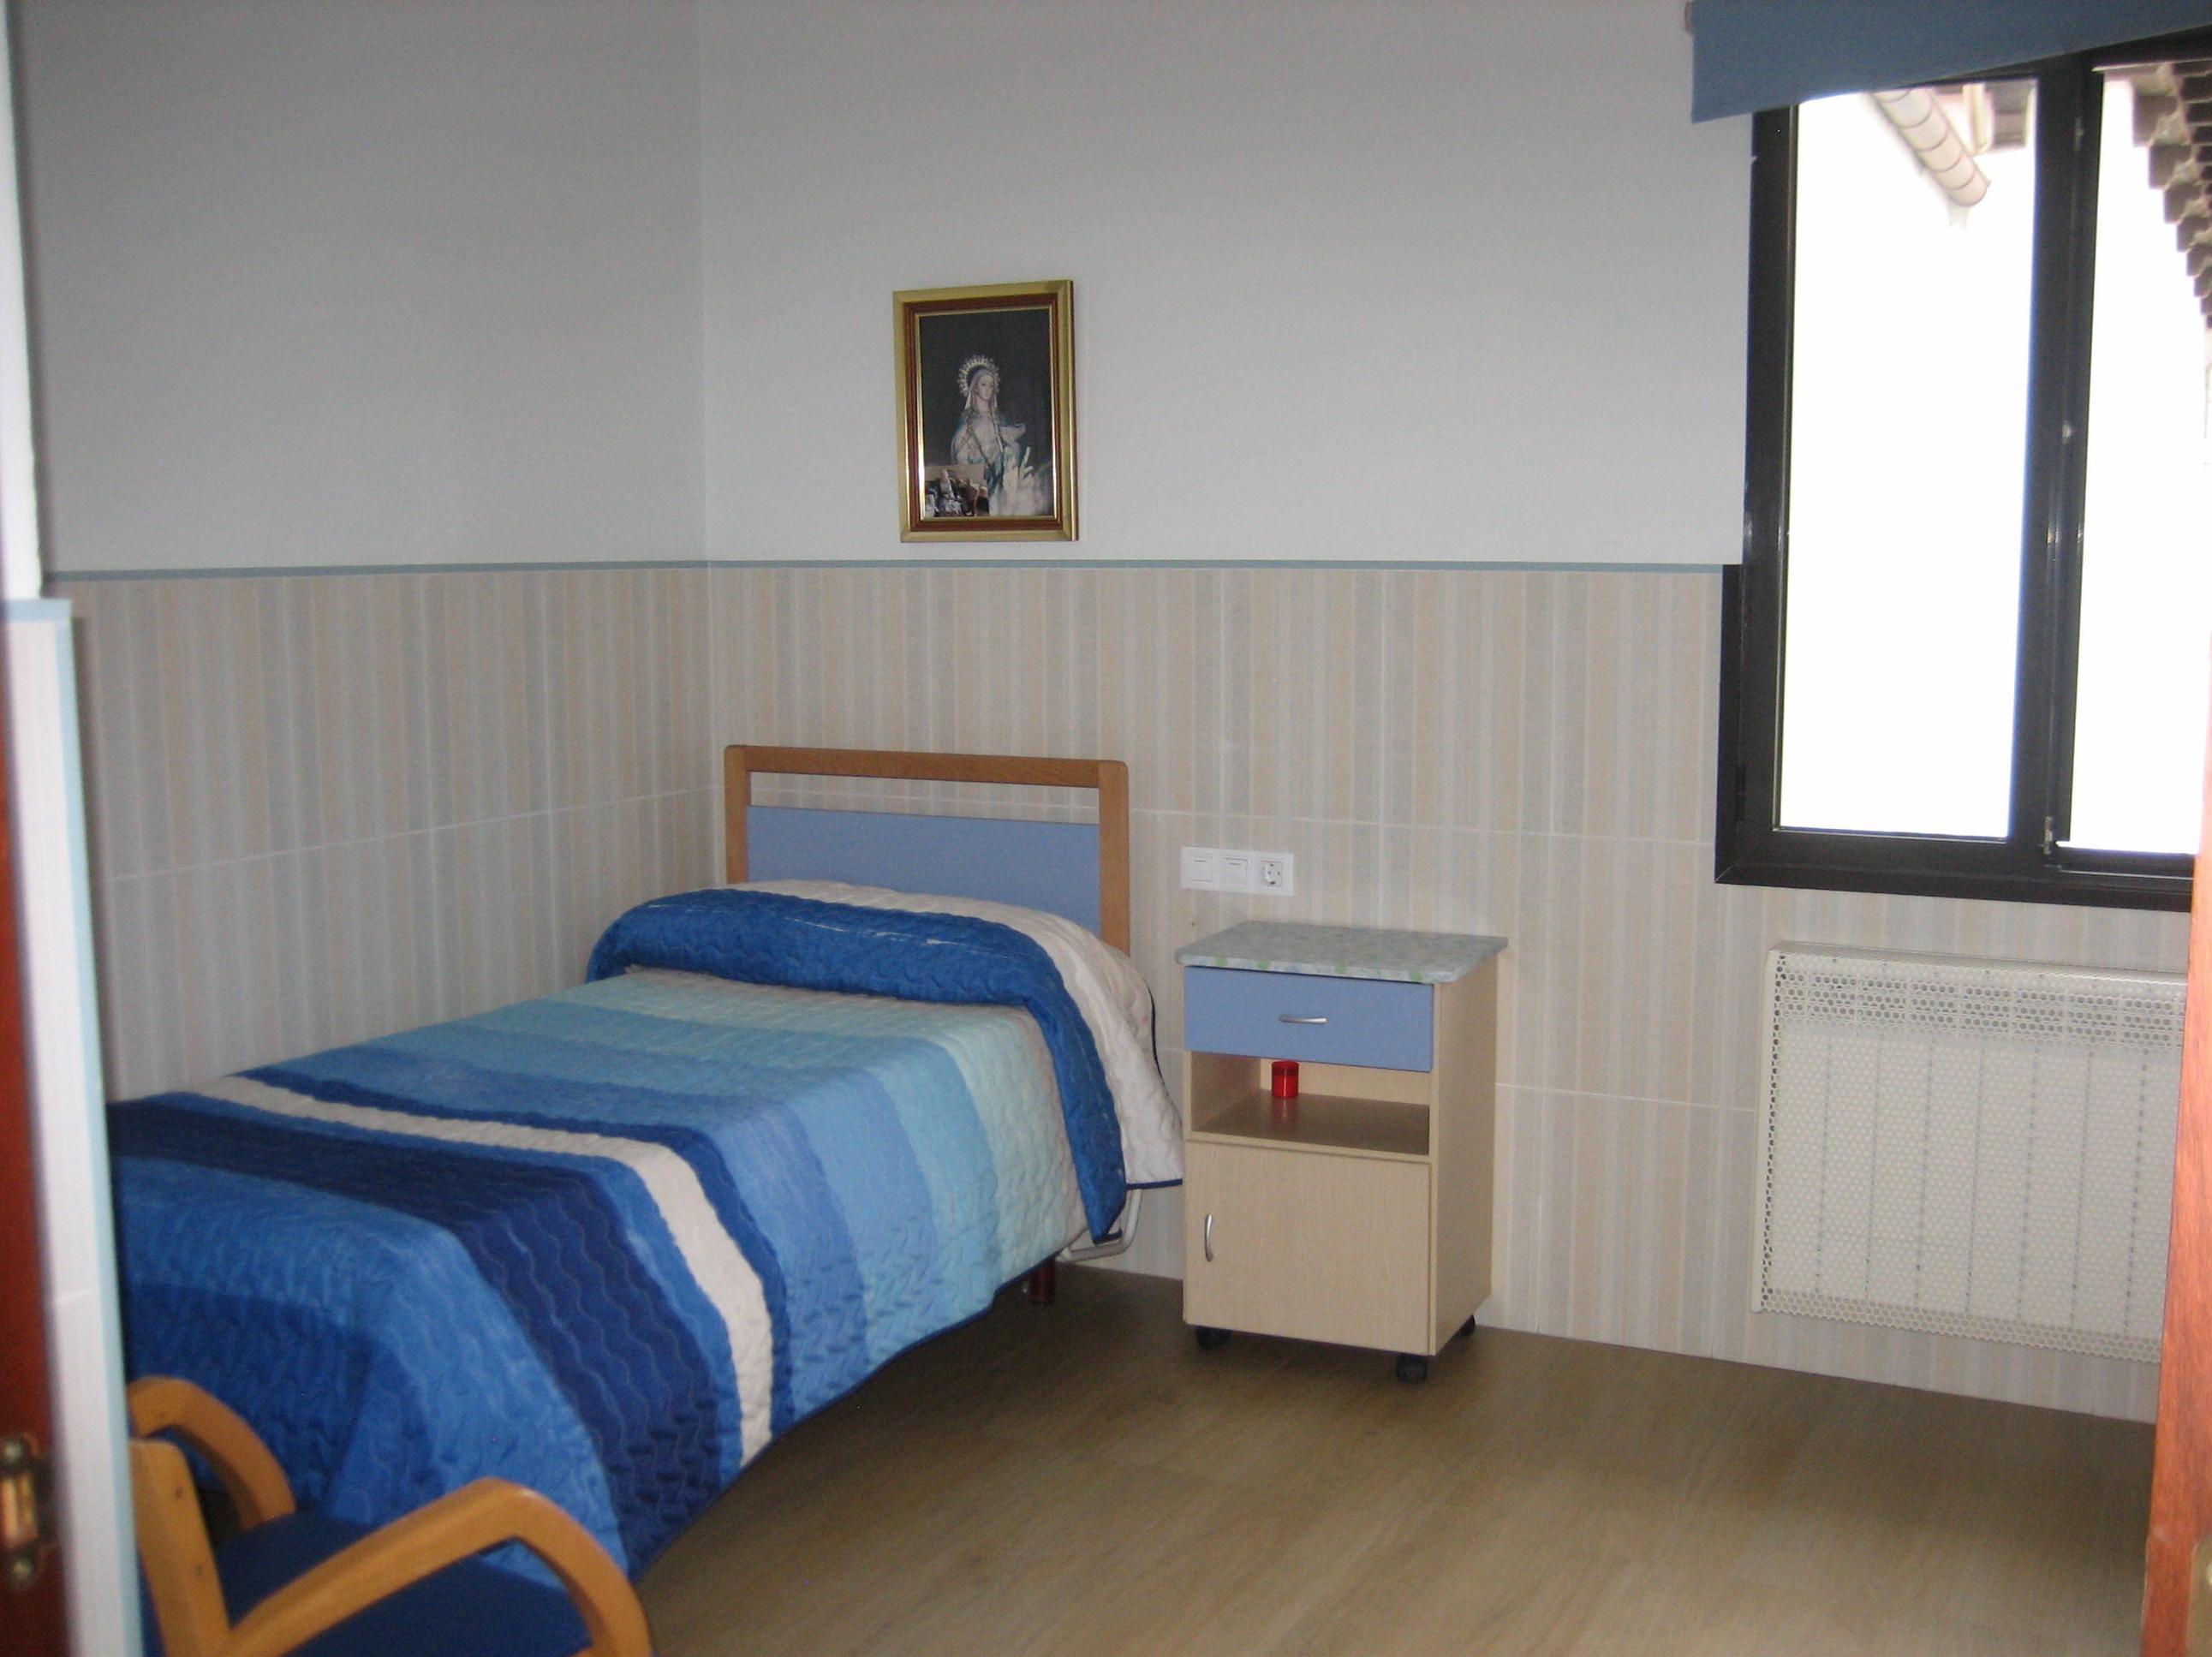 Residencia de ancianos en Ribadesella reformada y moderna